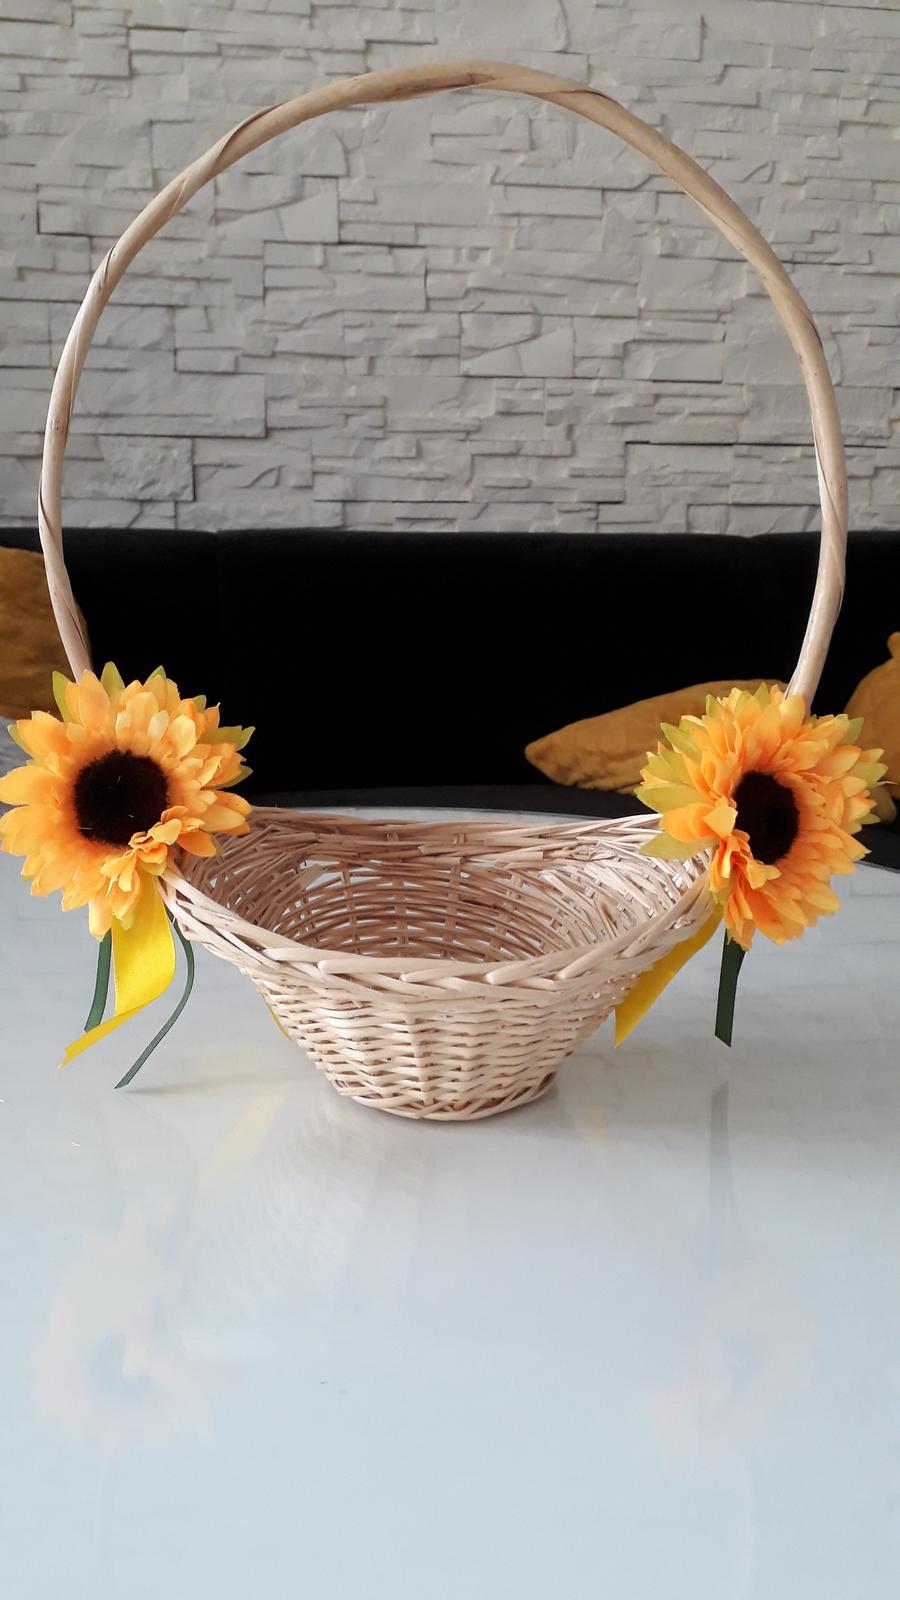 Košíček pro družičku - Obrázek č. 2